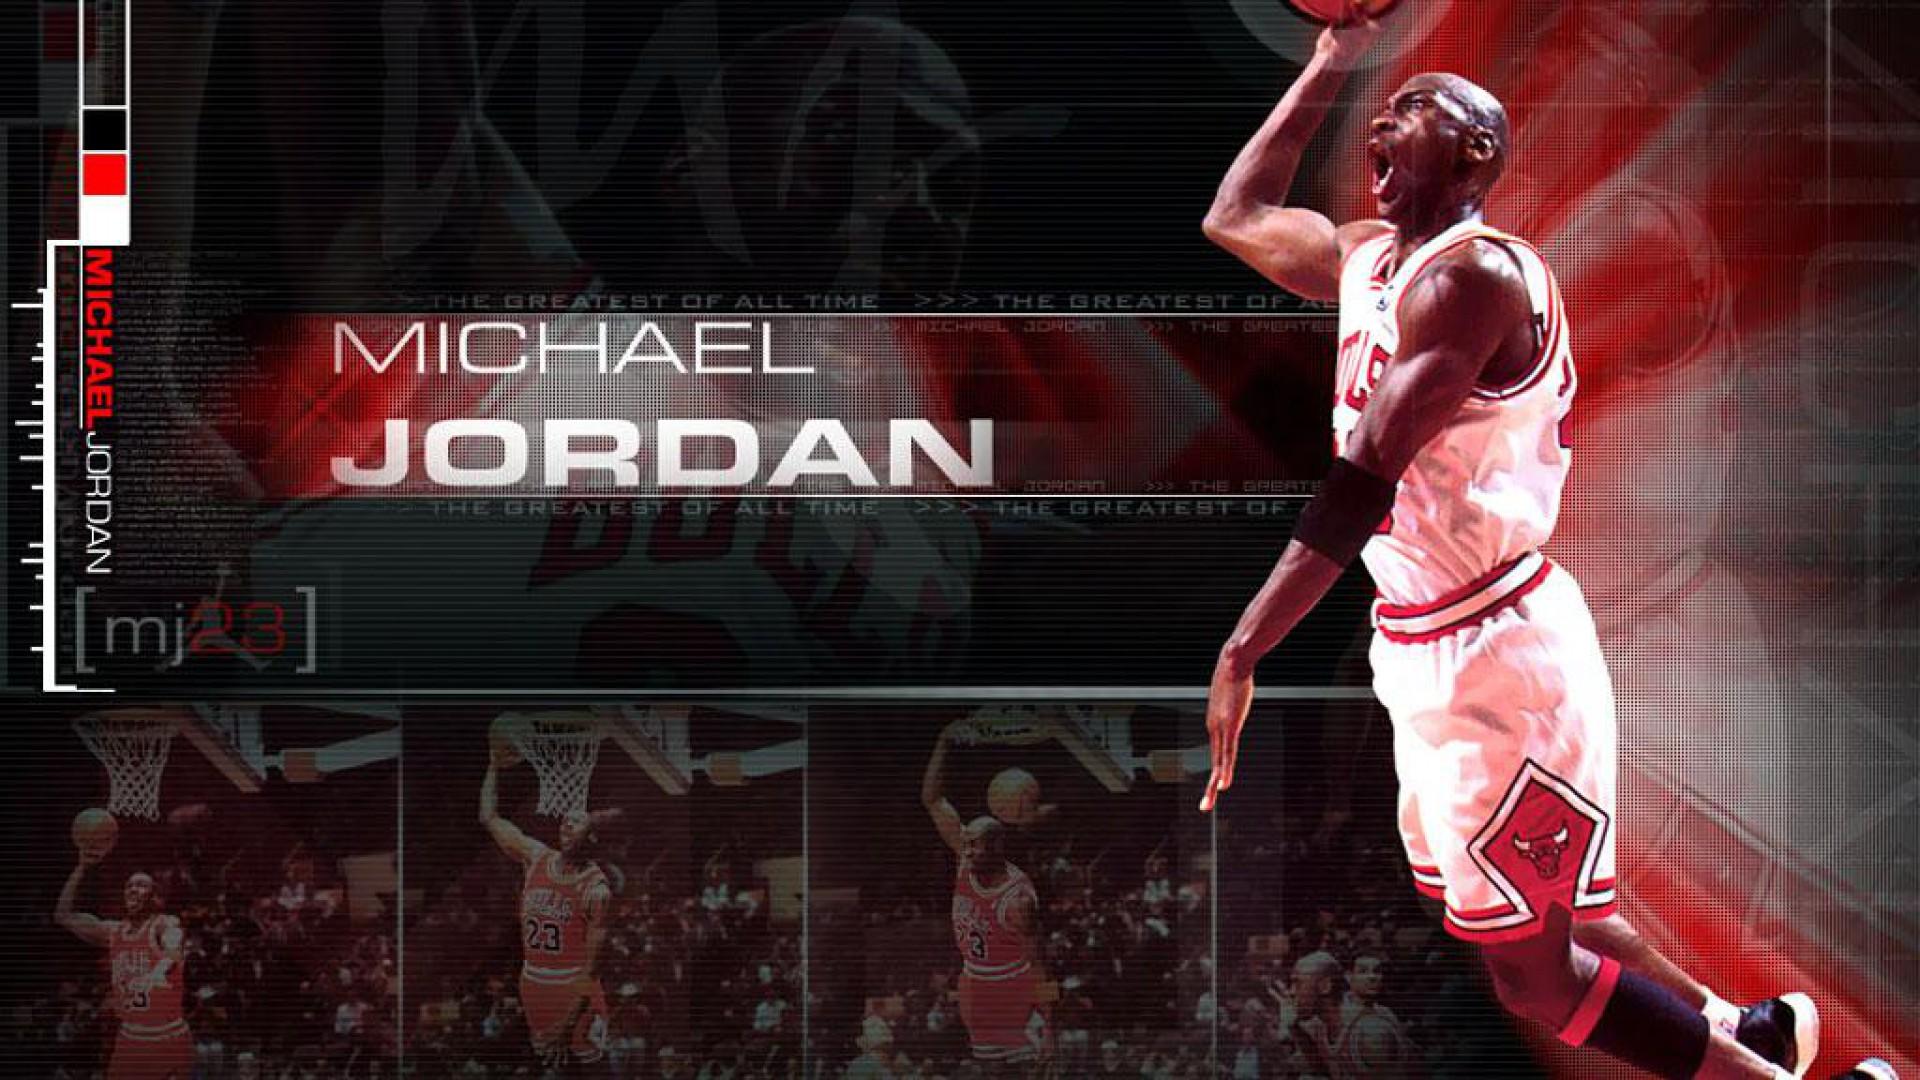 Michael Jordan Hd Wallpaper Hd Wallpapermonkey Air Jordan Shoes Wallpapers Wallpaper 1920x1080